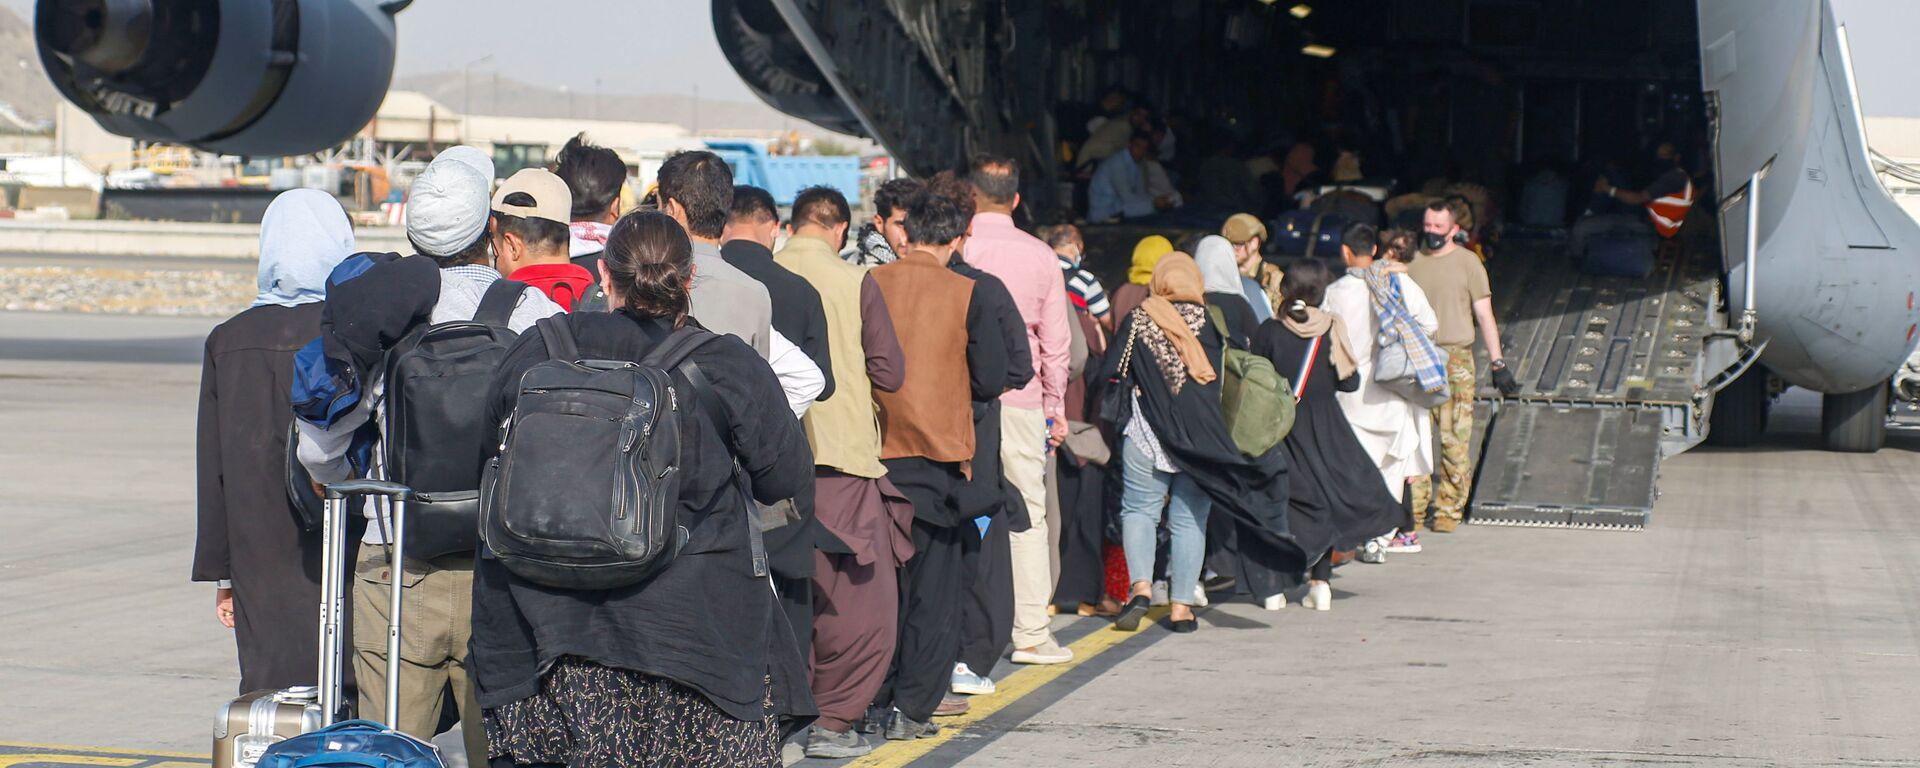 Afghánští uprchlíci při přistání letadla C-17 Globemaster III amerického letectva na mezinárodním letišti Hamída Karzáího v Kábulu - Sputnik Česká republika, 1920, 30.08.2021